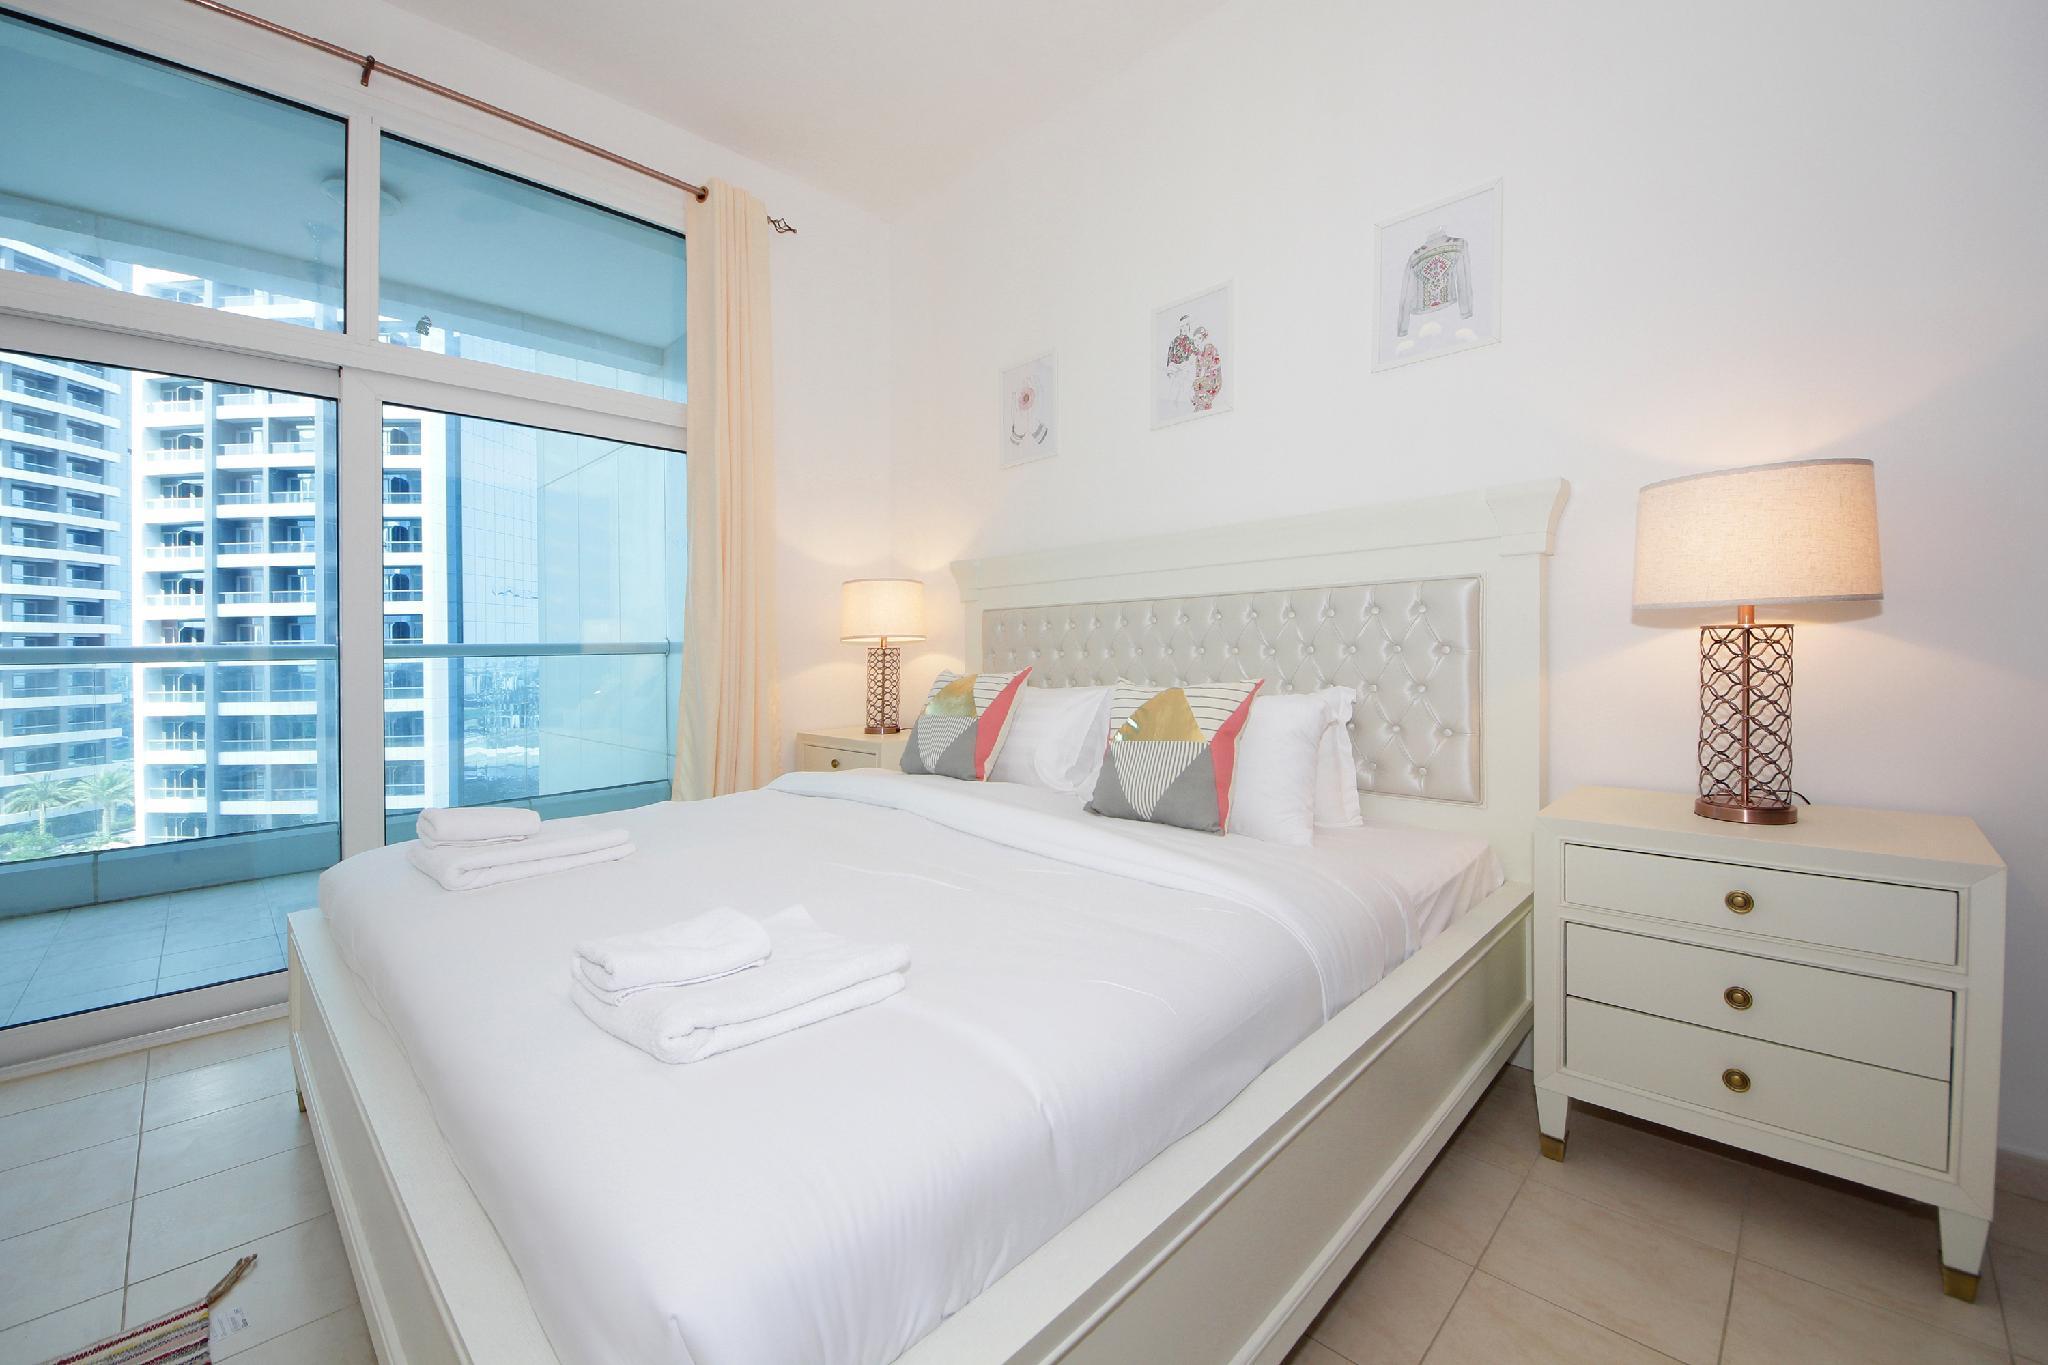 Luxury 2 Bedroom Apartment Al Fahad Tower 2